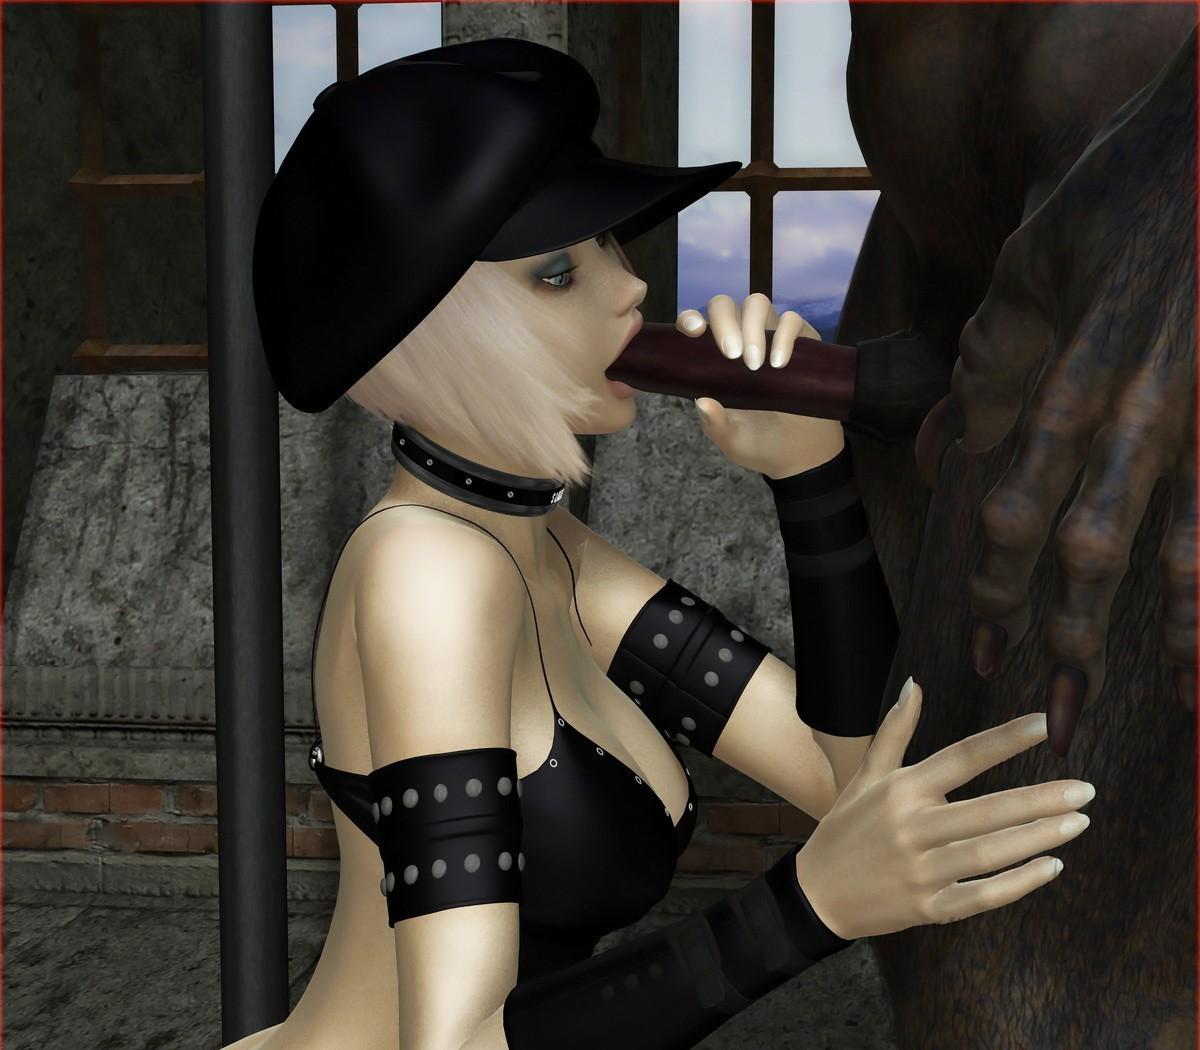 Dota 2 erotic hero porn pic